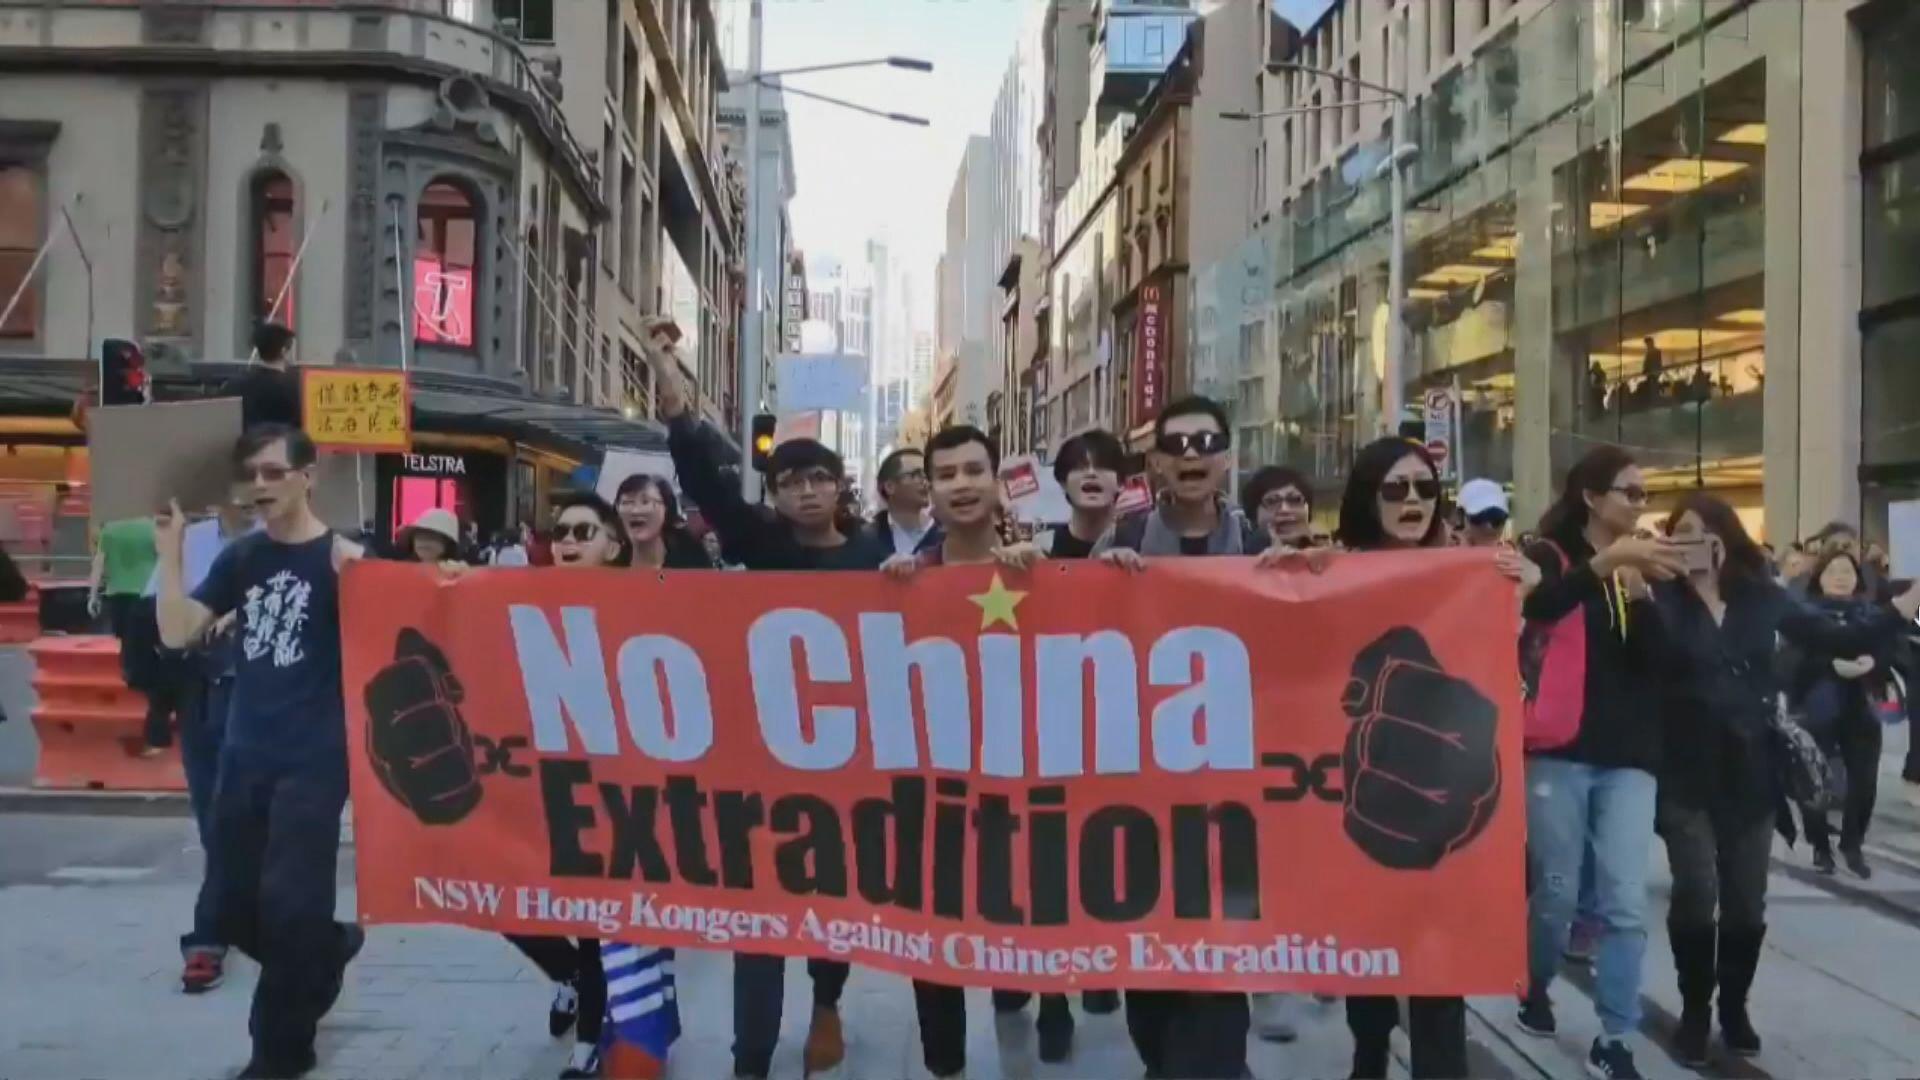 【逃犯條例】全球二十多個城市示威反對修例